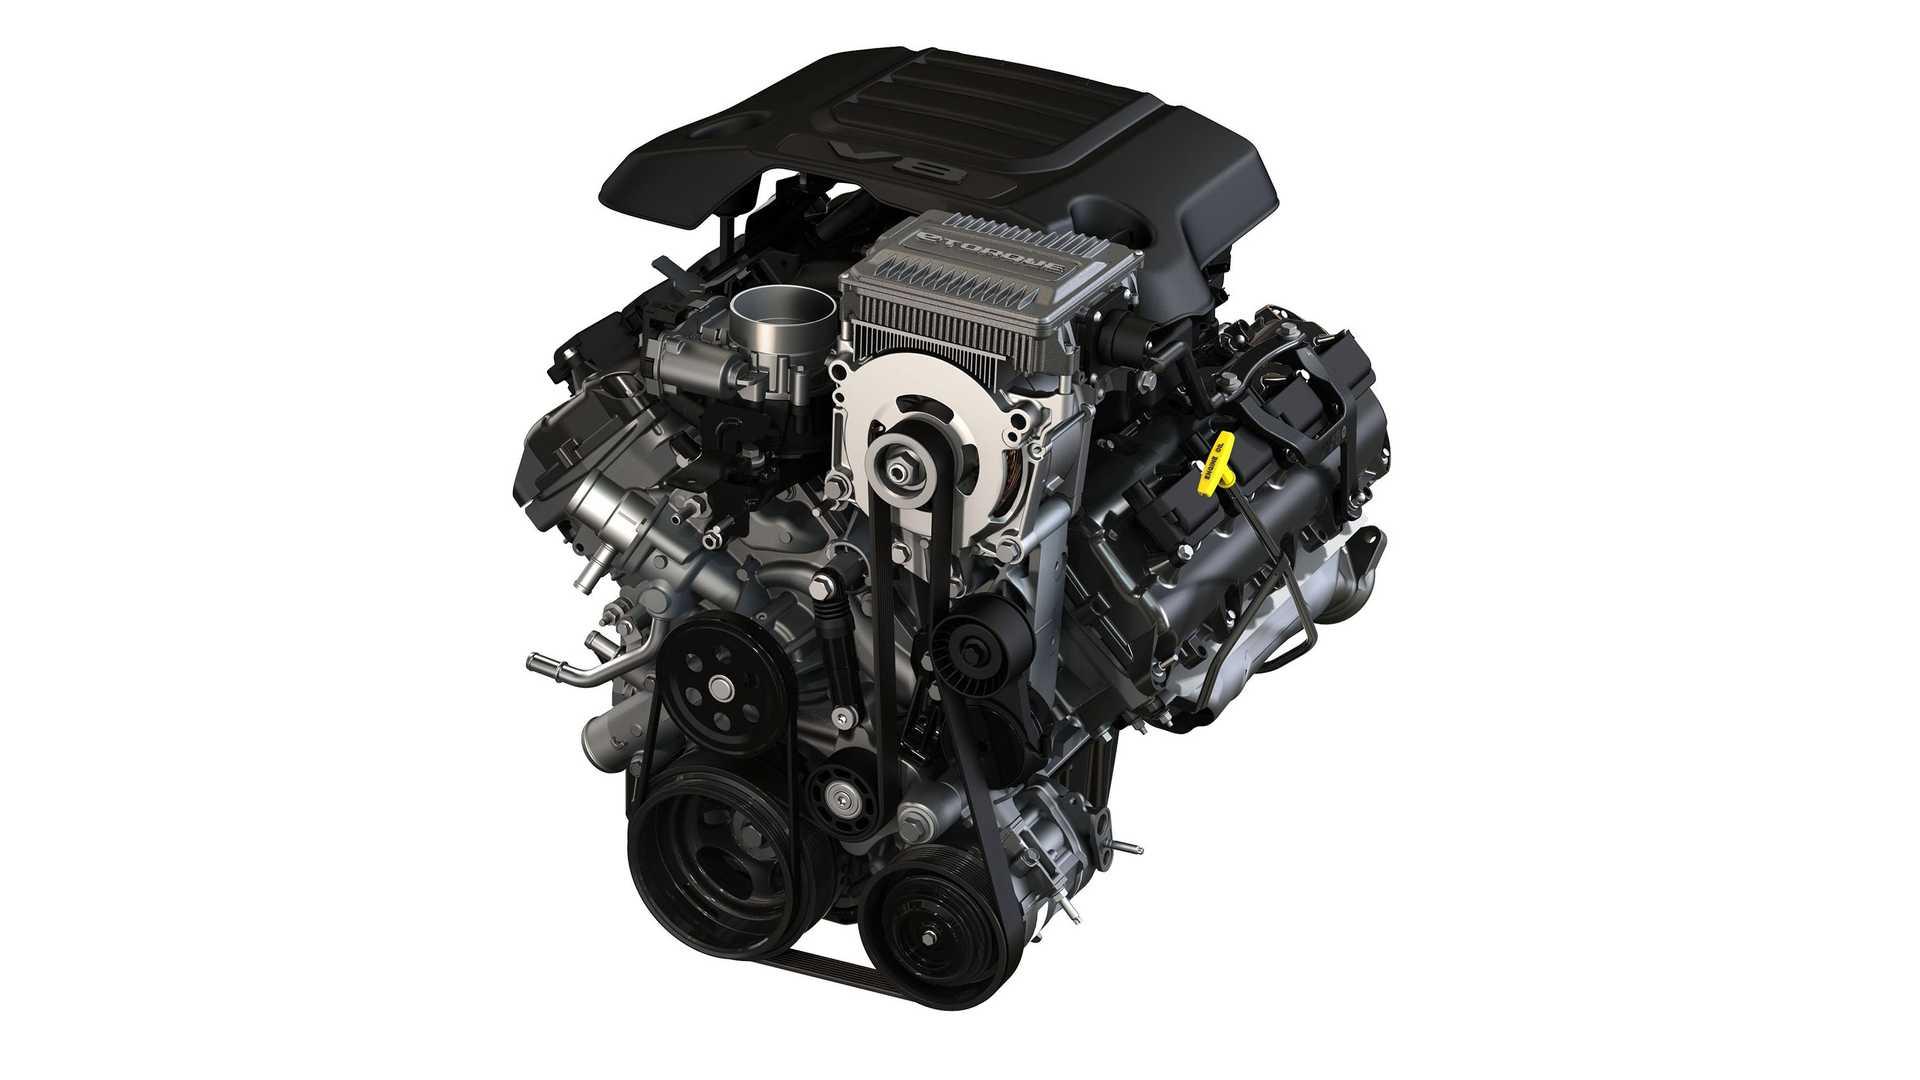 Motor do Grand Wagoneer é 6.4 mas se preocupa com o consumo